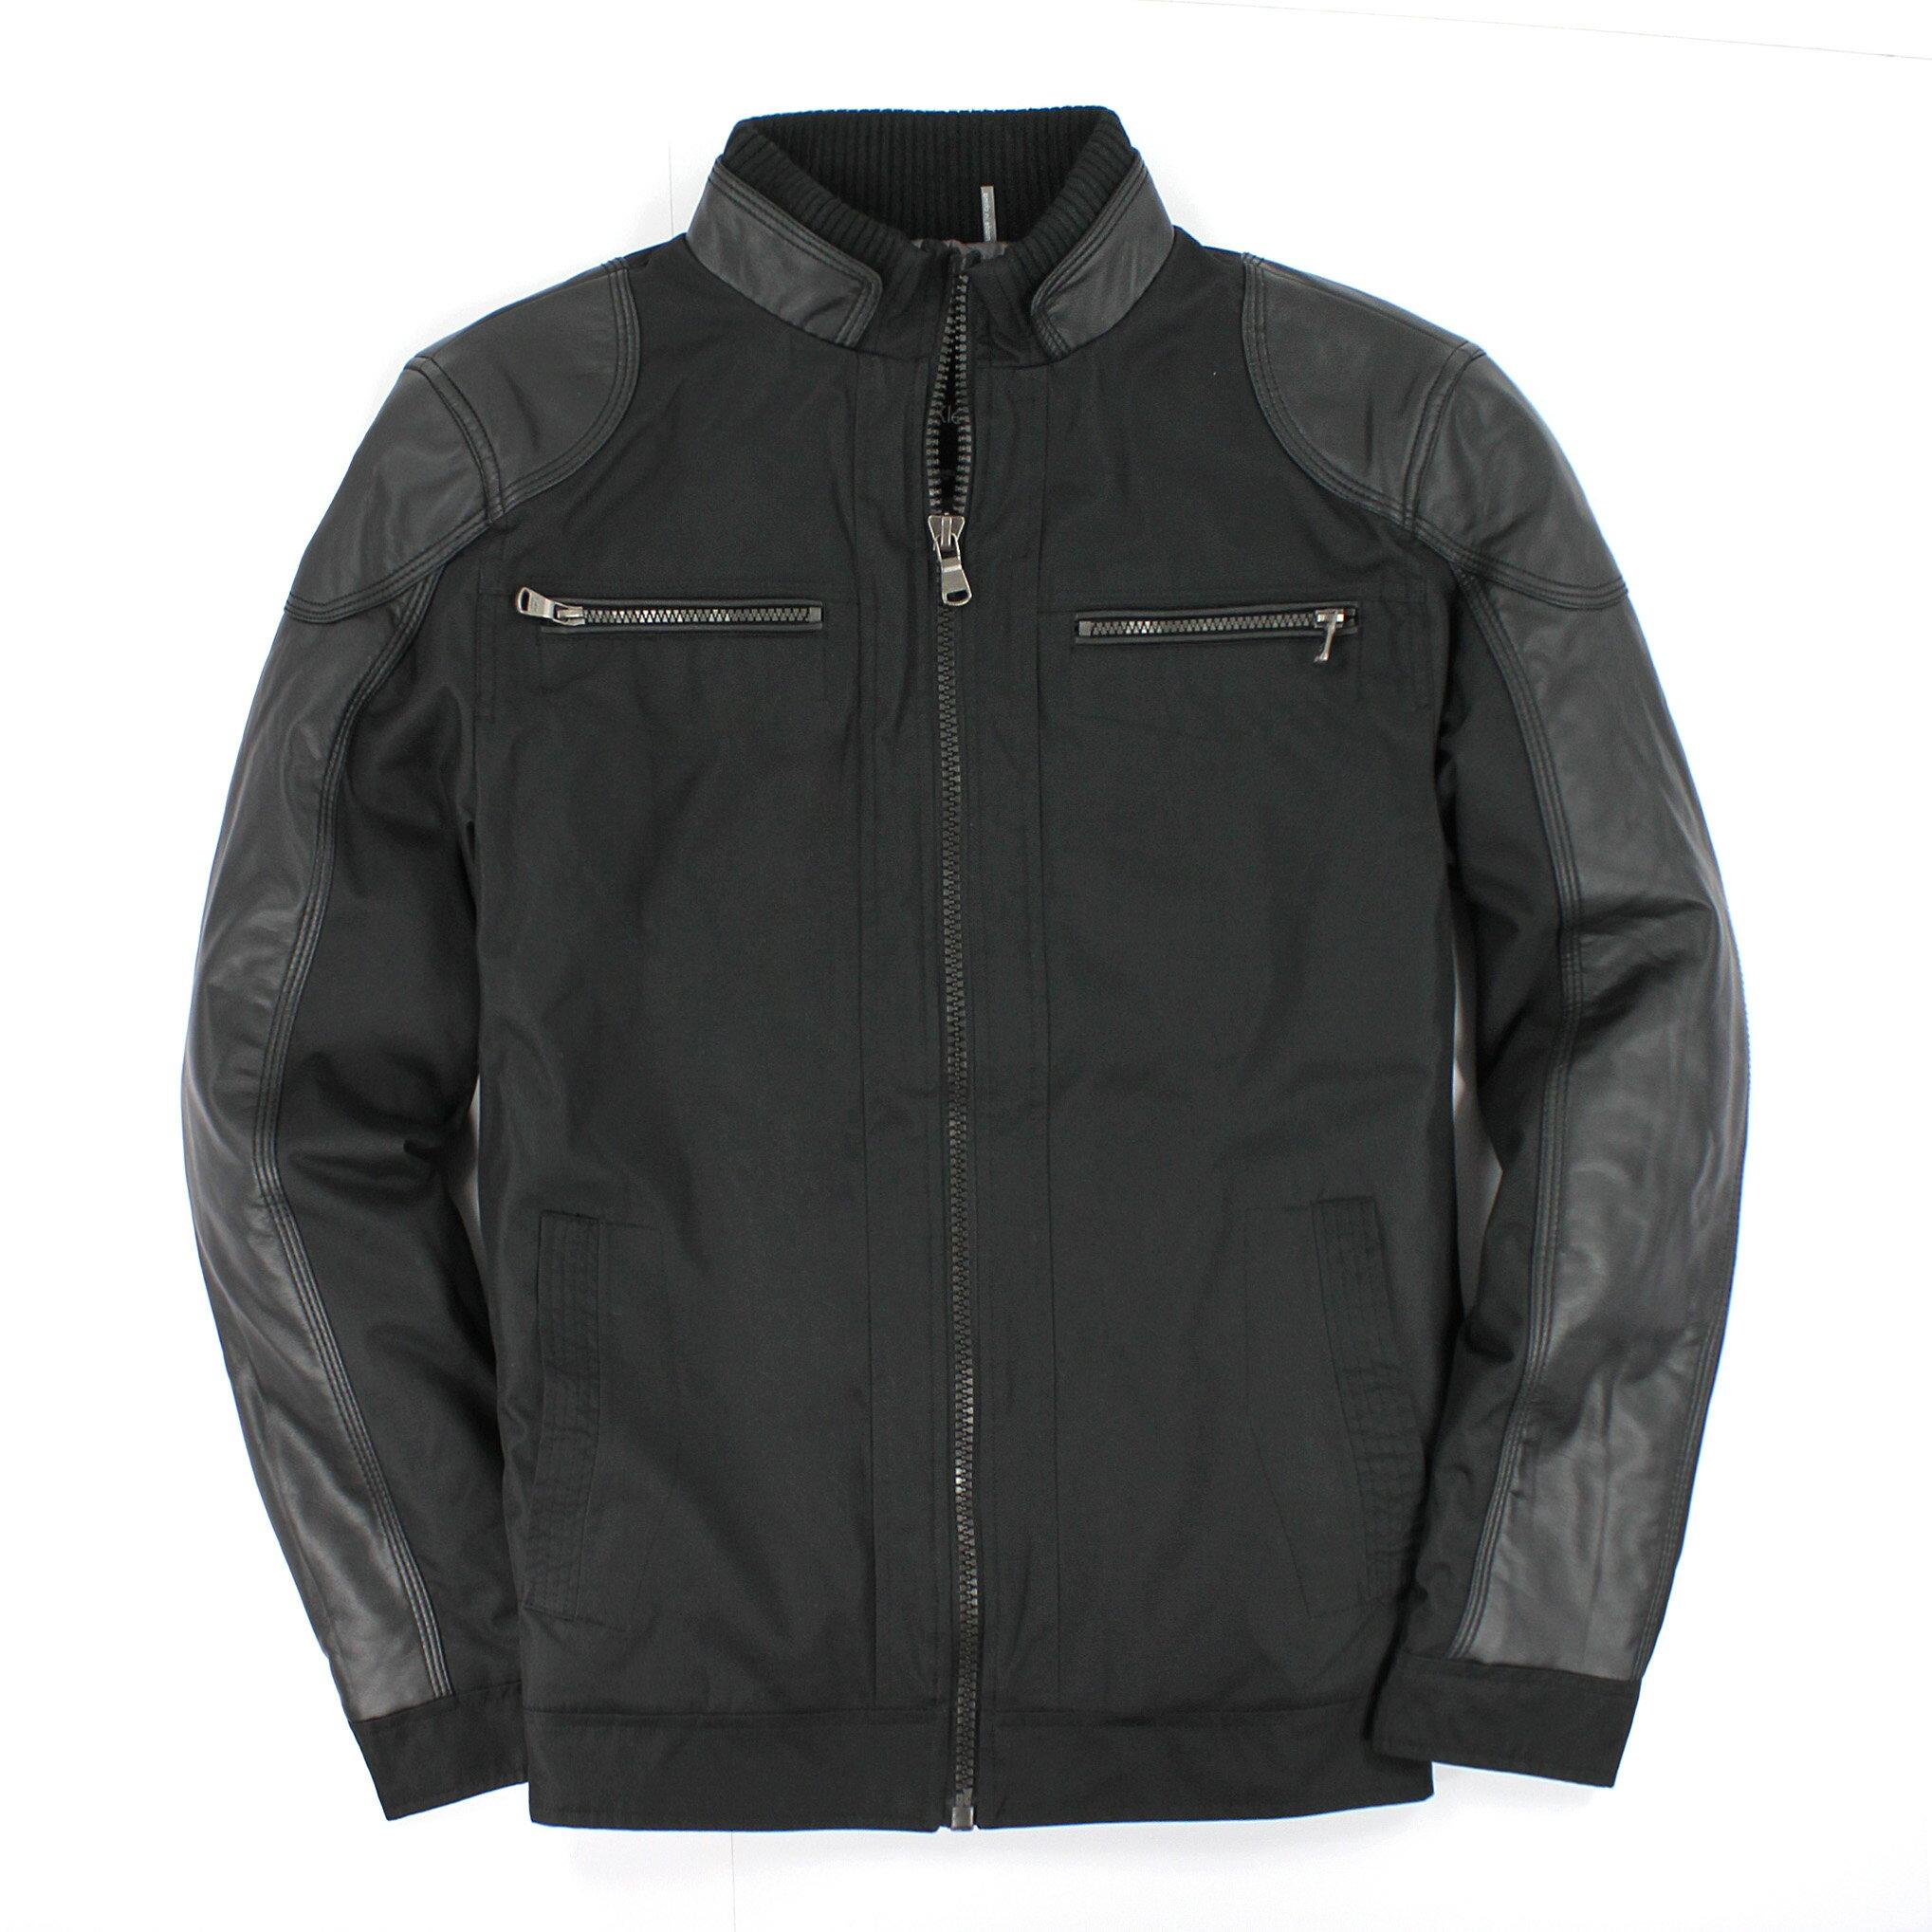 美國百分百【全新真品】Calvin Klein 外套 CK 夾克 皮衣 黑 防風 防水 鋪棉 皮革 騎士 保暖 男衣 S M號